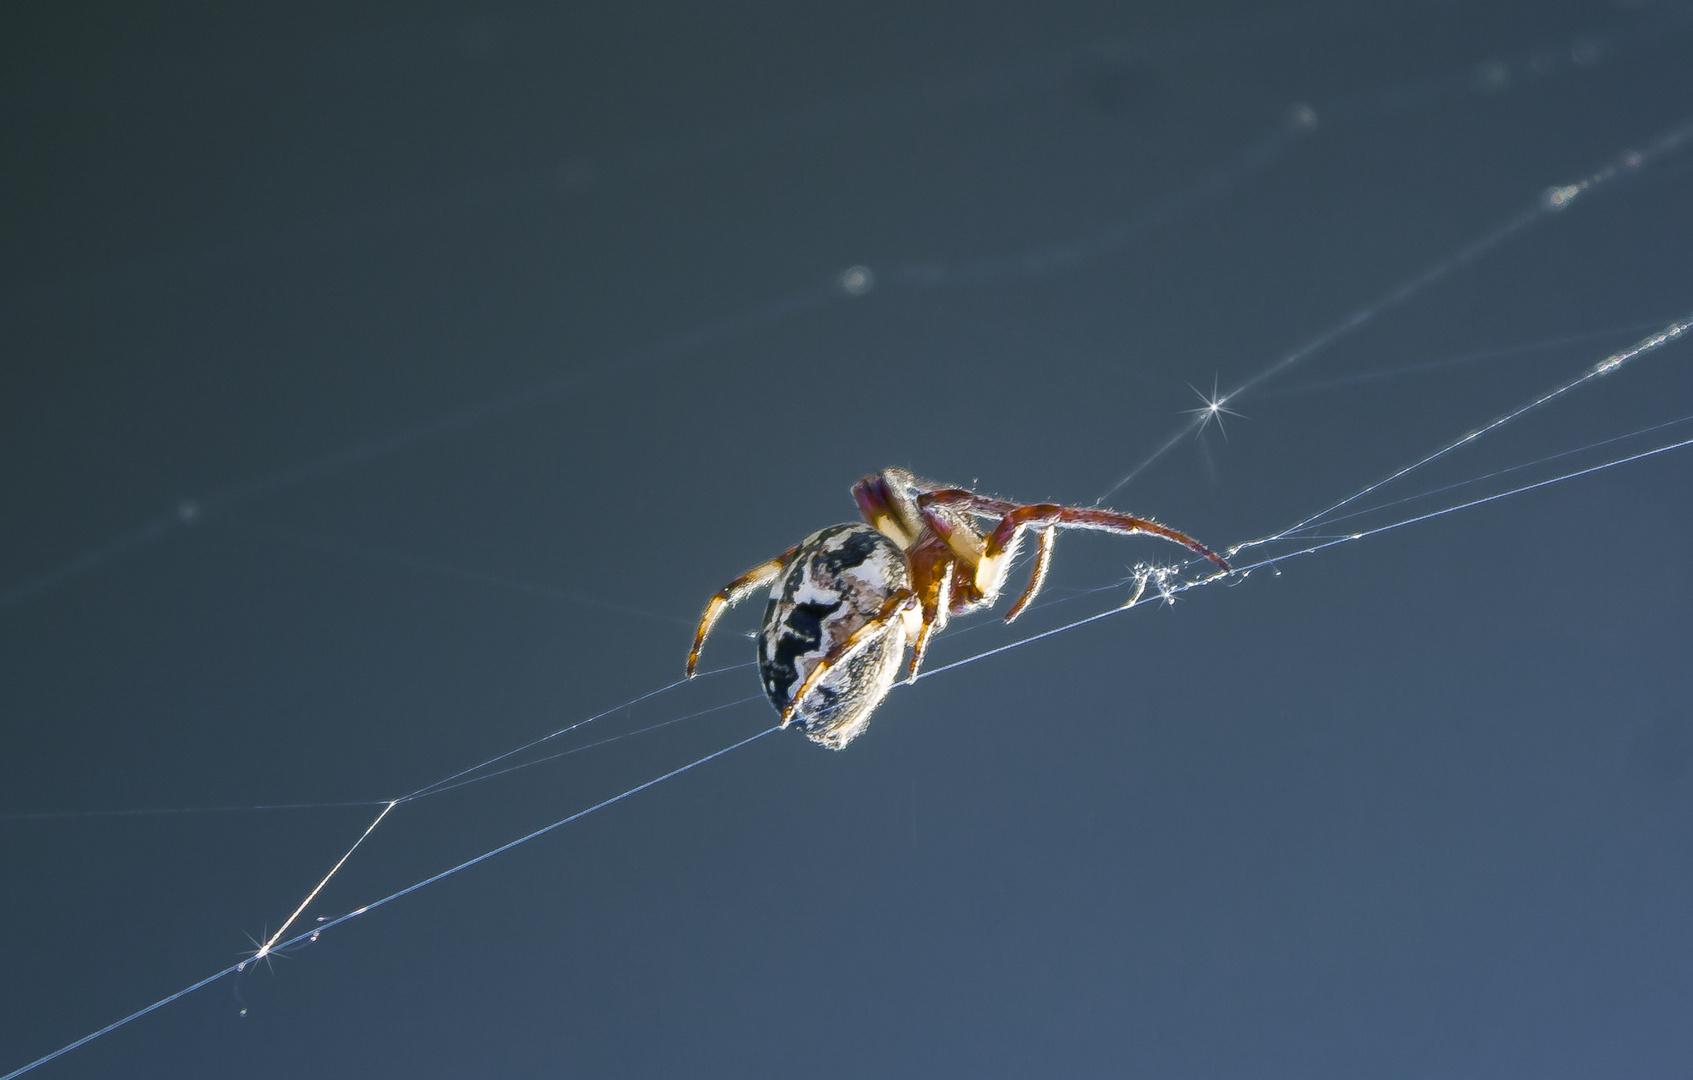 Spinne am spinnen